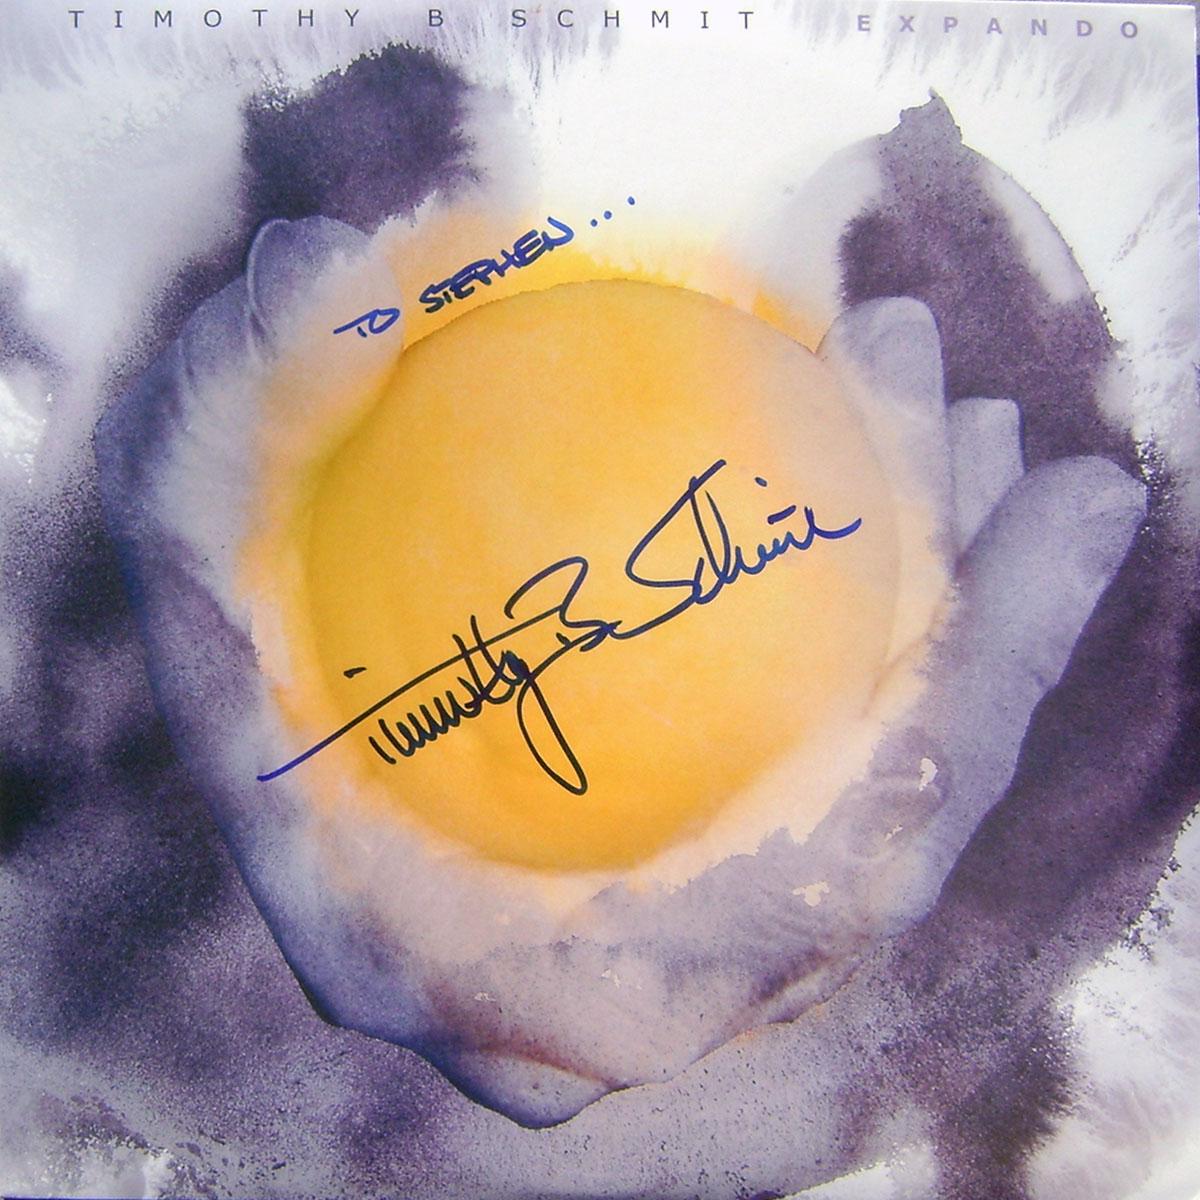 Timothy B Schmit LP - Expando #2